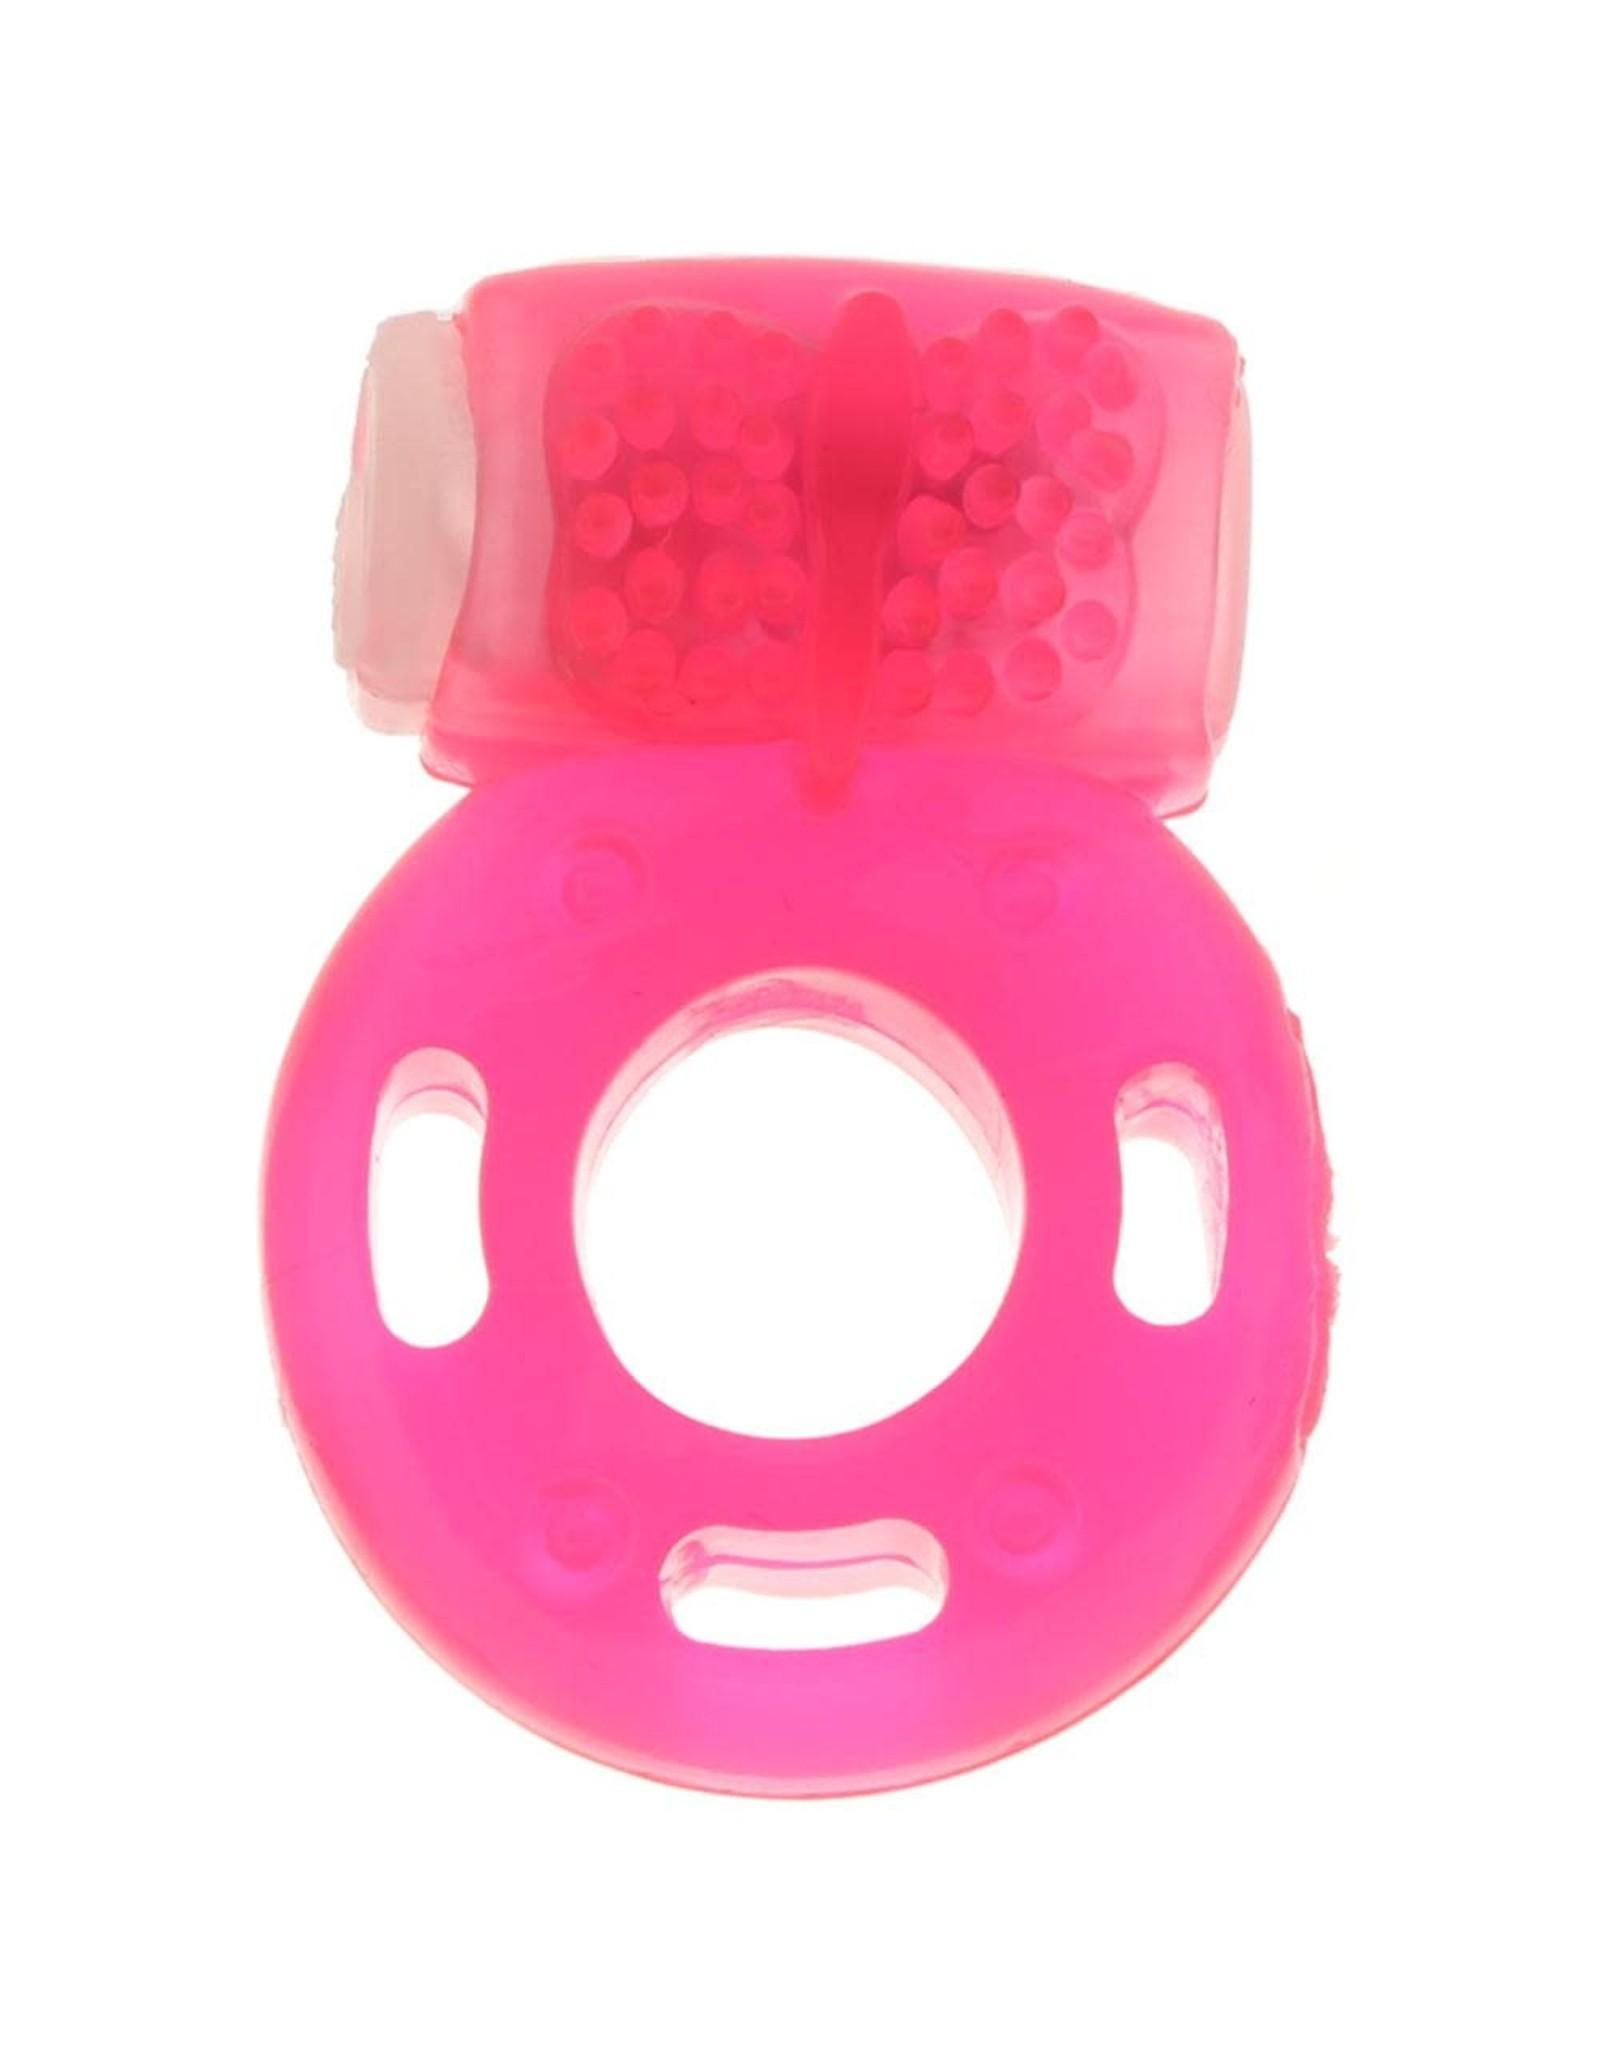 CALEXOTICS CALEXOTICS - FOIL PACK VIBRATING RING - PINK